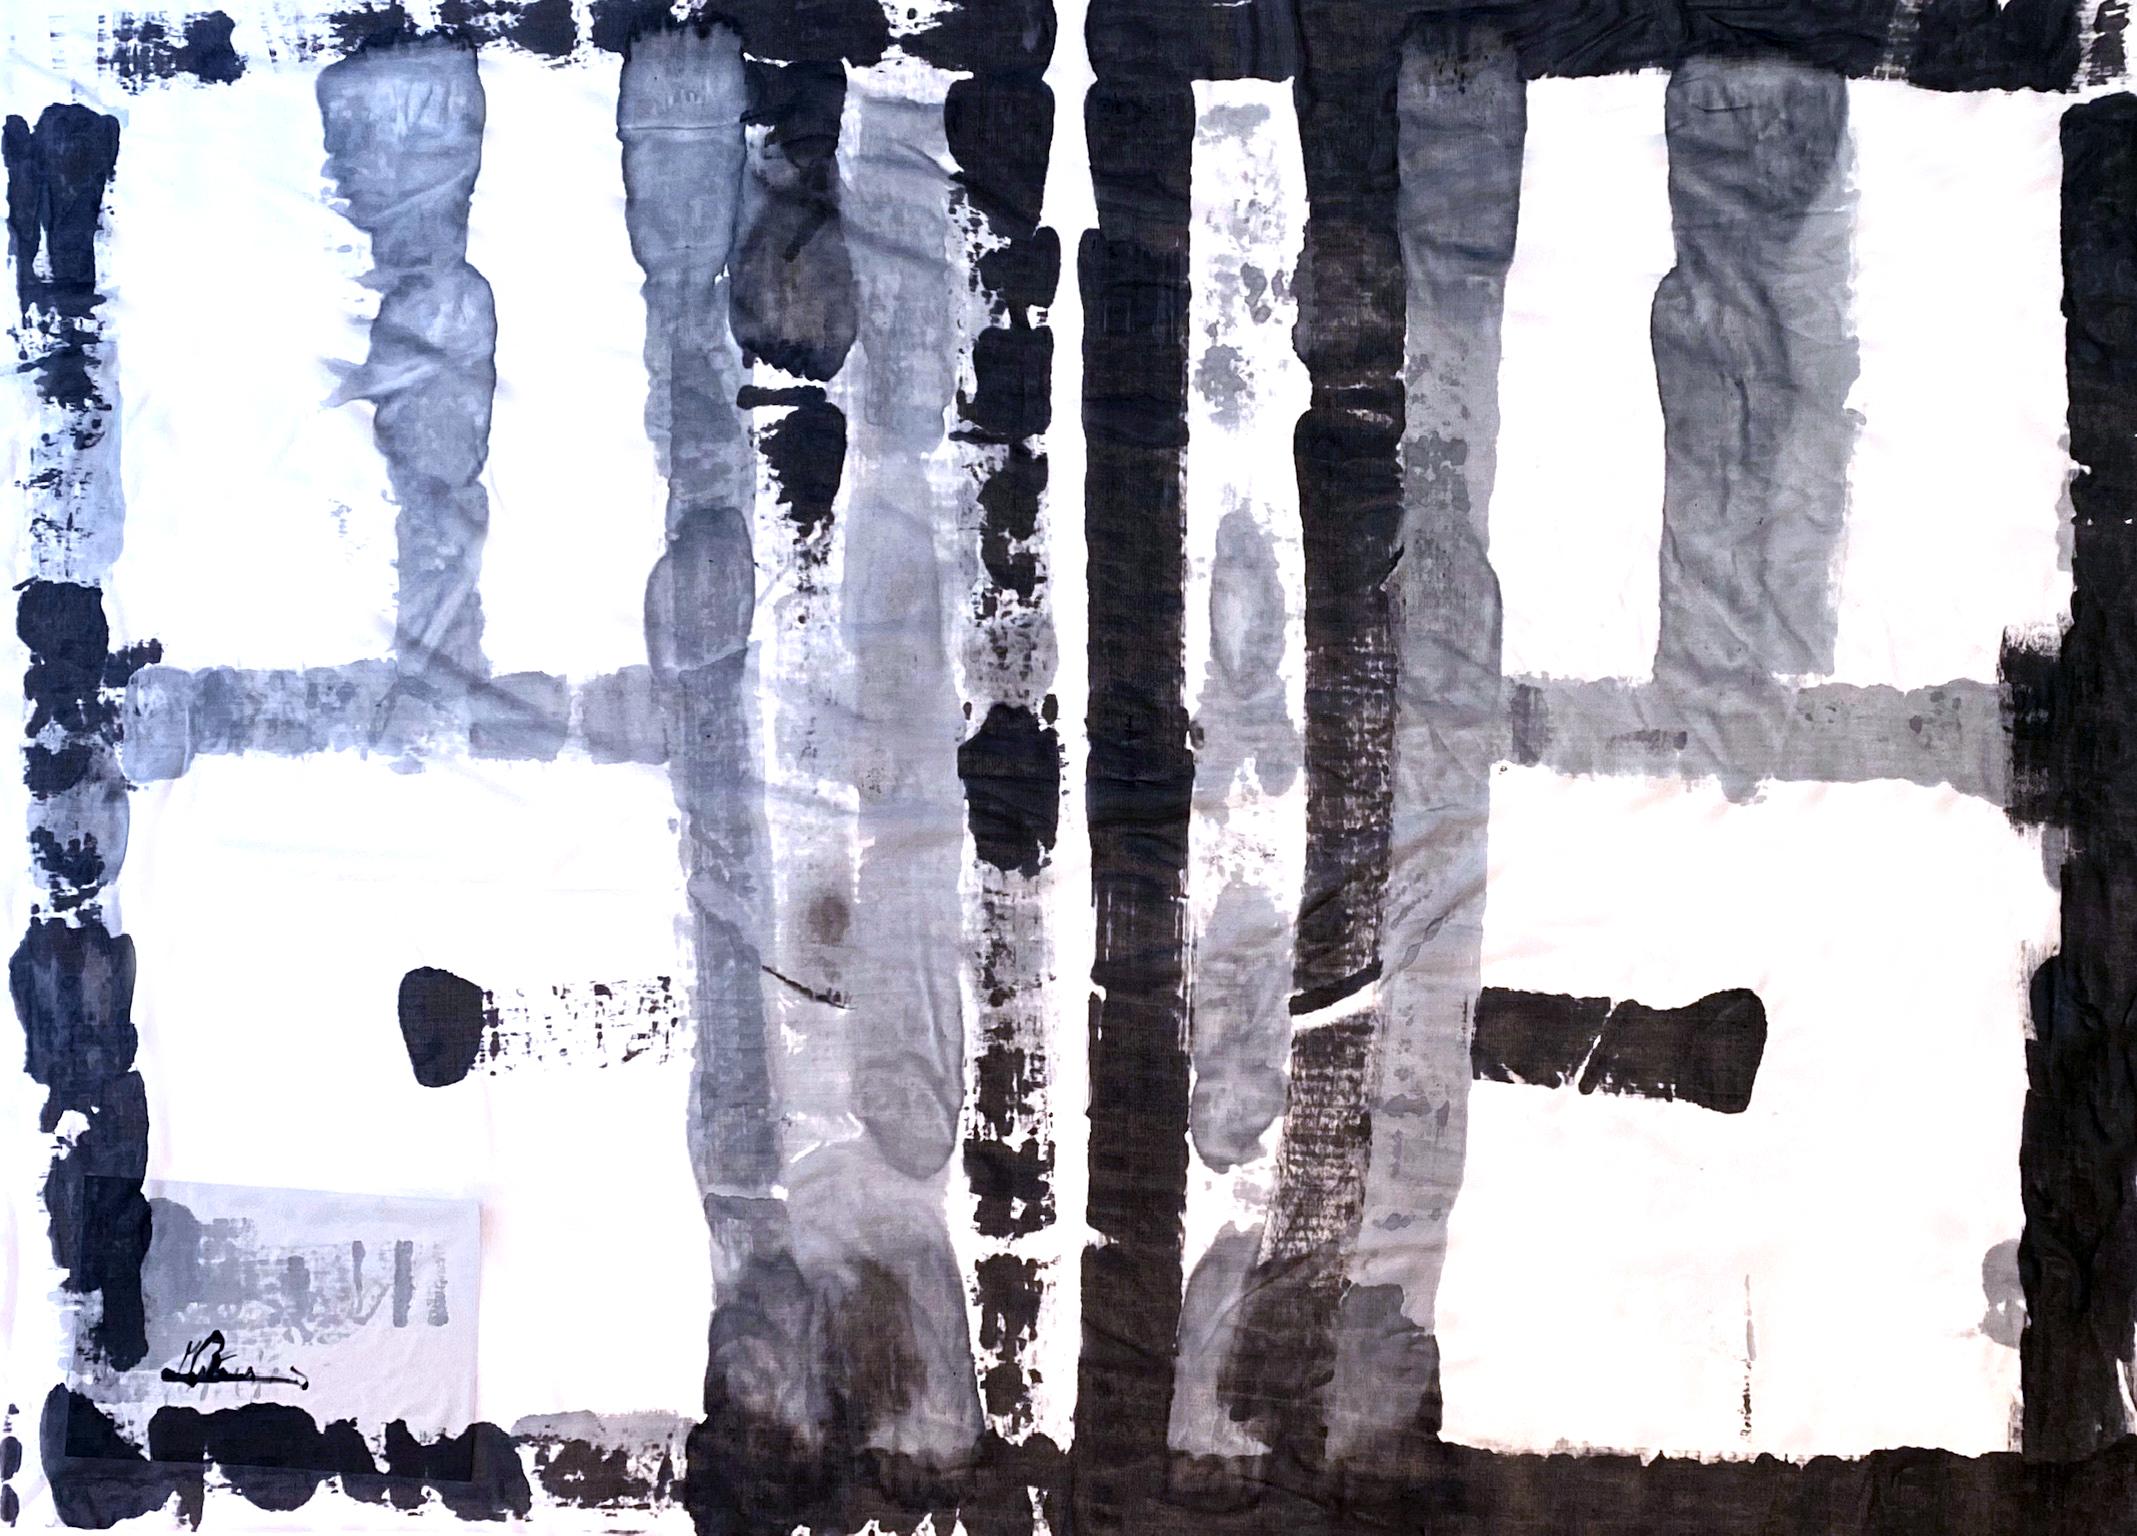 [売約済][着るアートストール]PLAIN CORNICE STOLE【SILKシルク】1117SILK-HP62 [登録意匠][送料/税込]